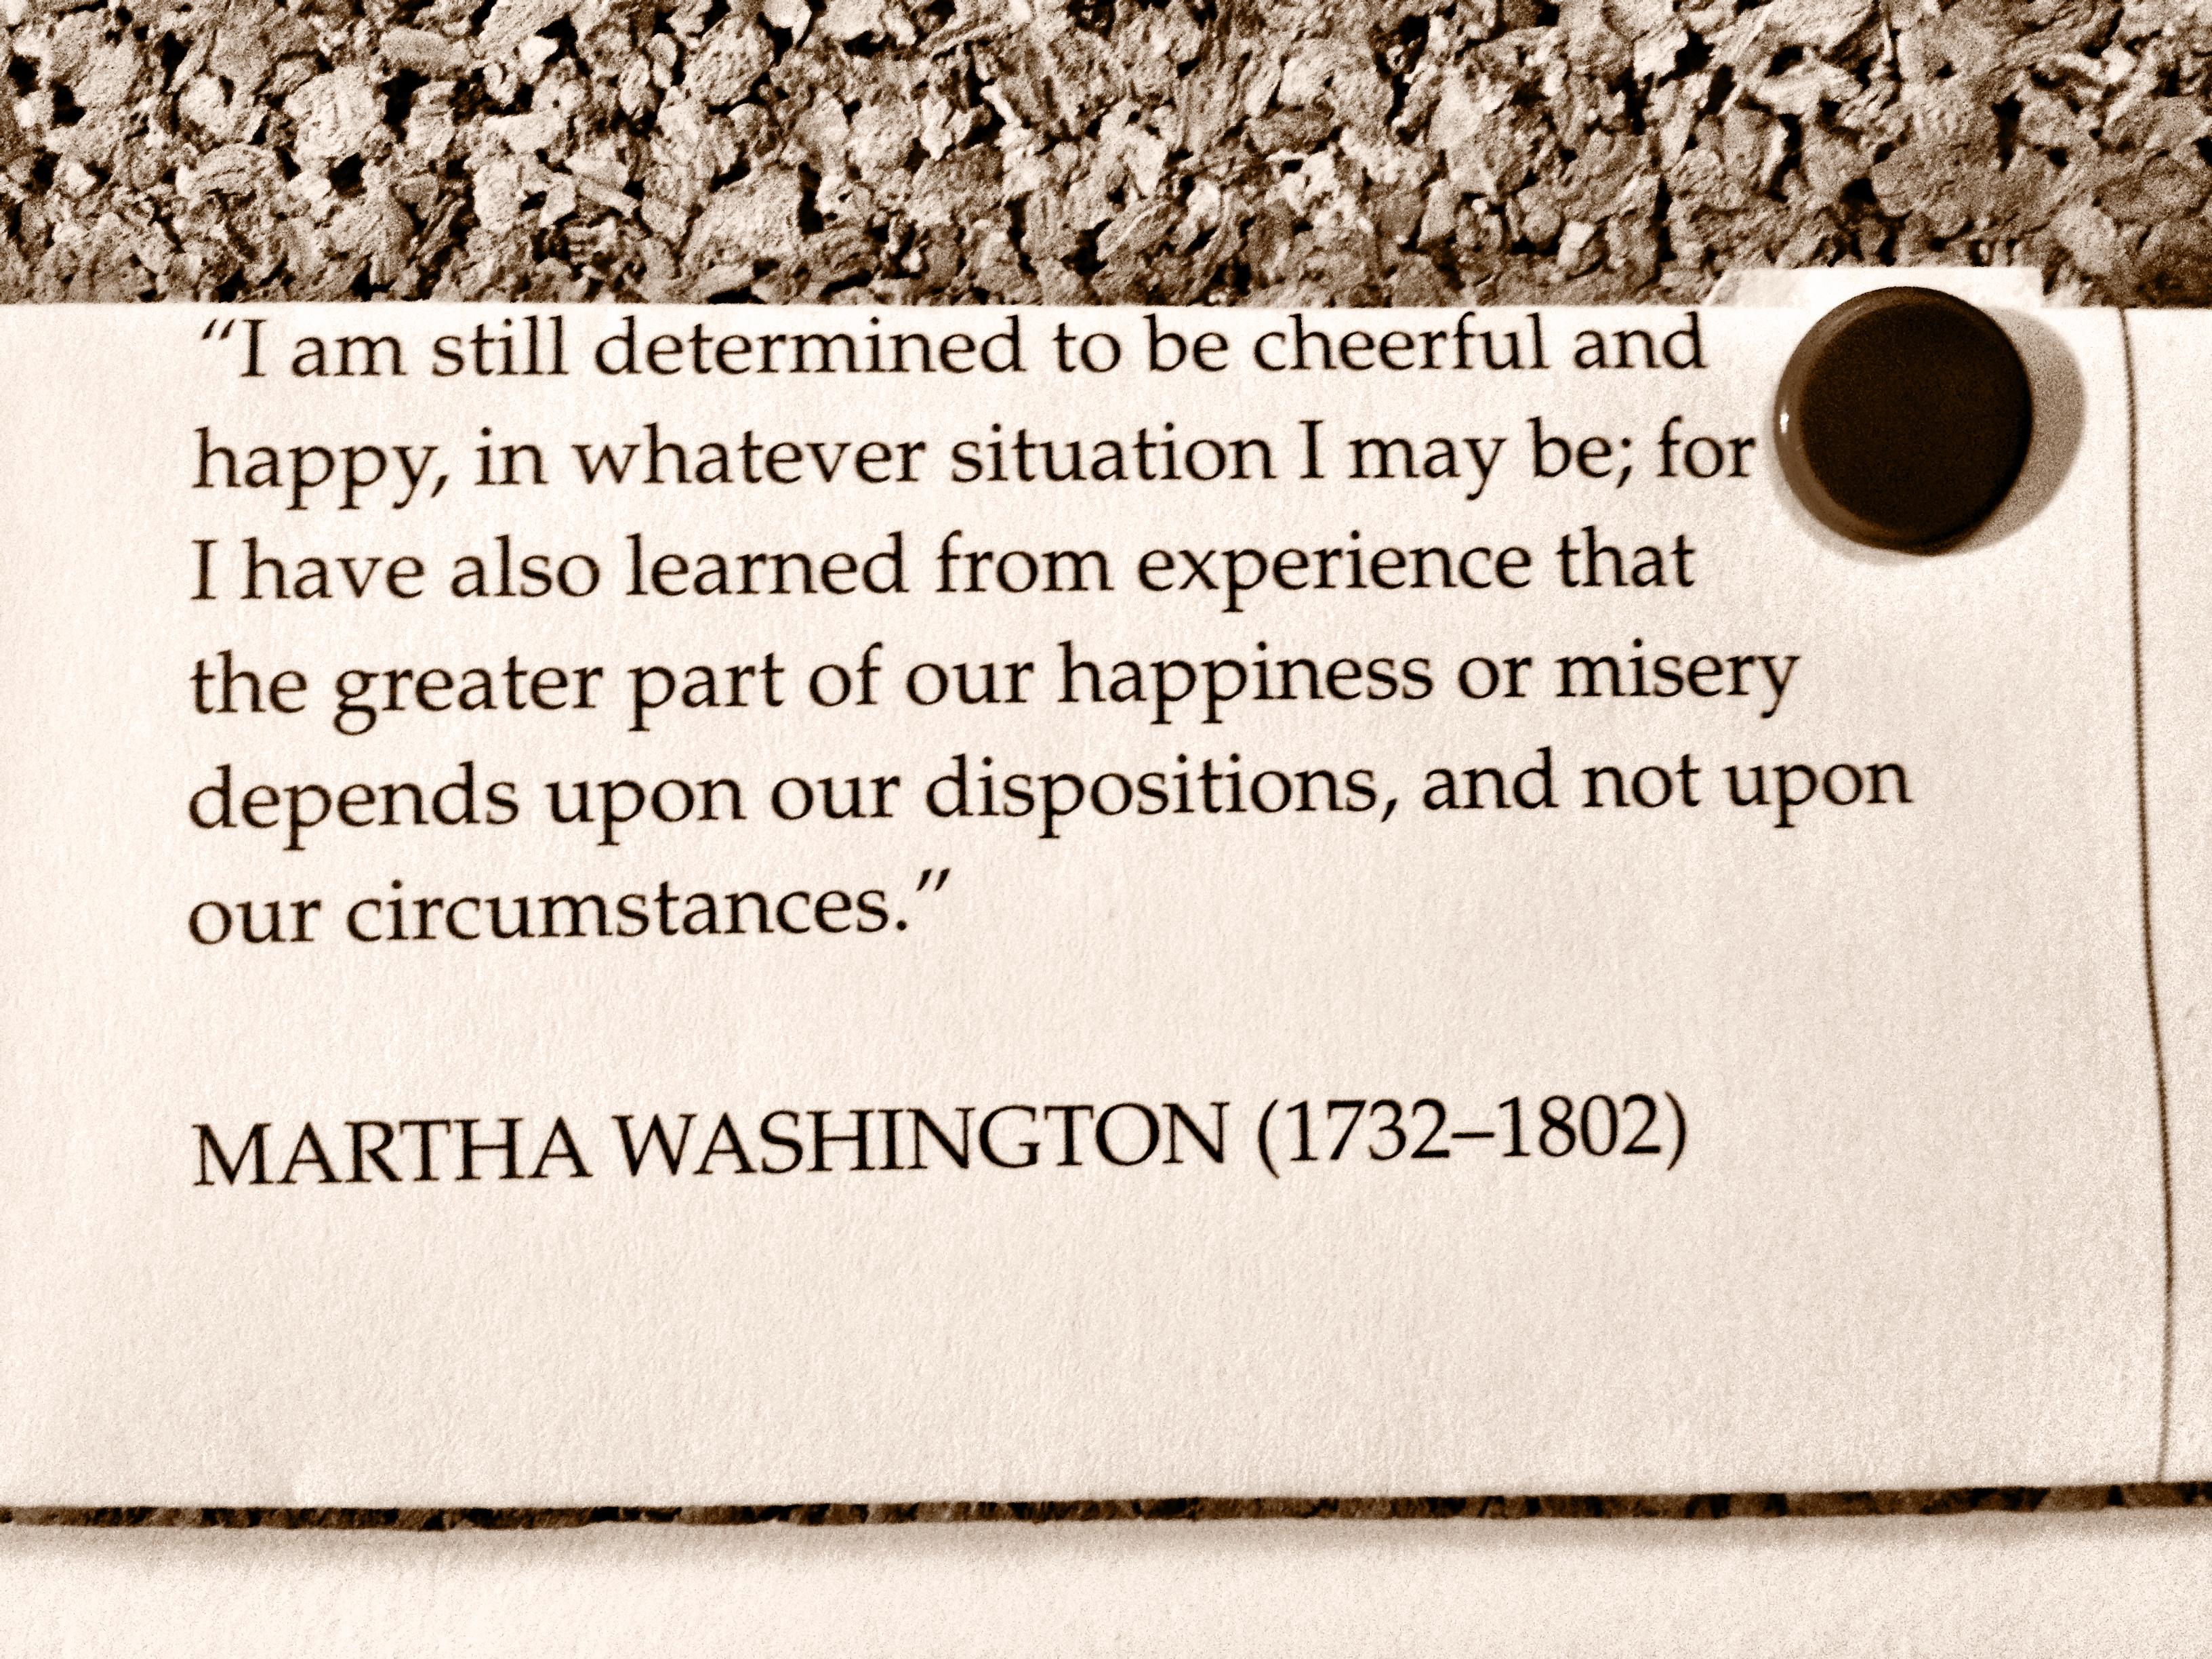 George Martha Washington Quote